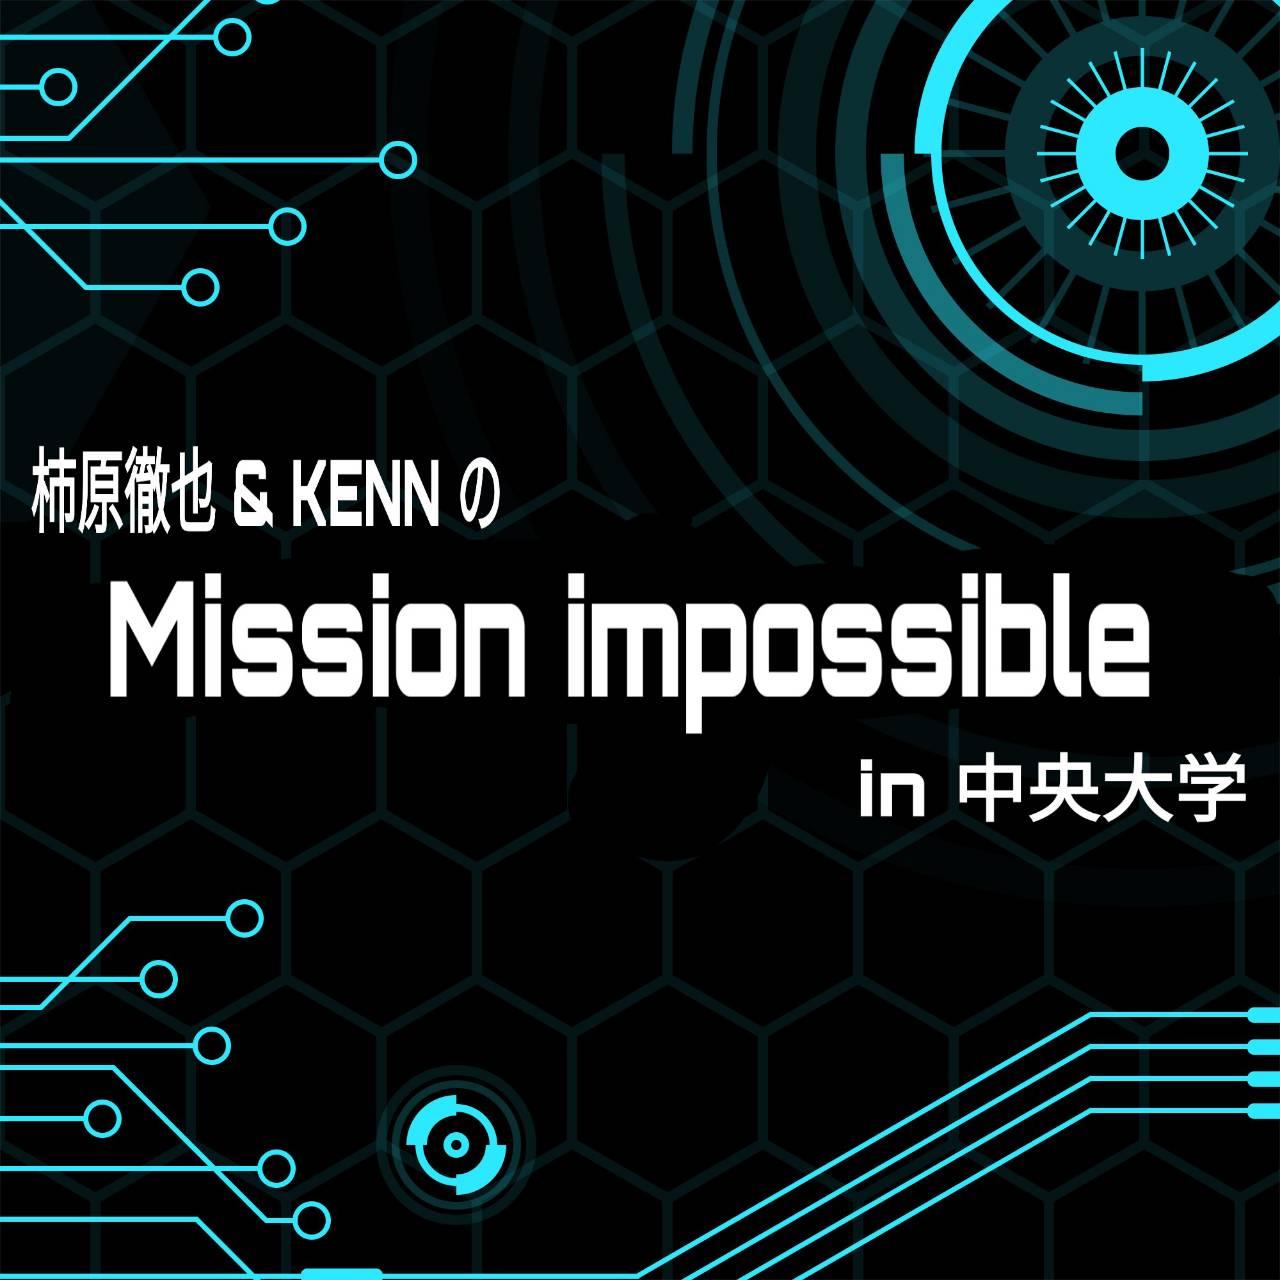 柿原徹也 & KENN の Mission impossible in 中央大学